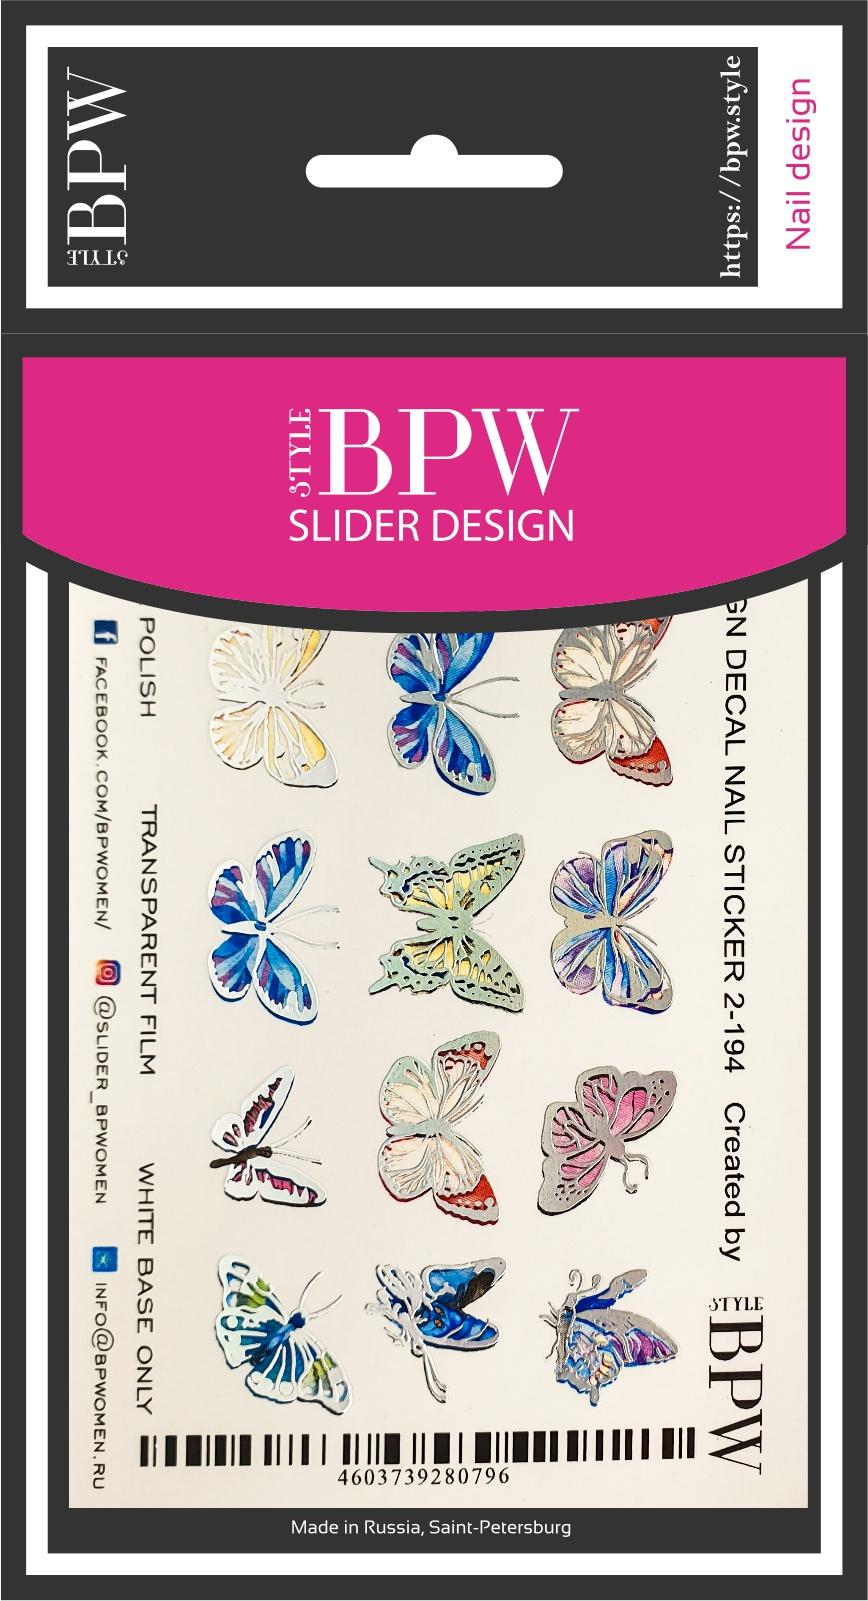 Наклейки для ногтей BPW.style sd2-194, 2 1pcs блеск и пудре порошок блестит классика высокое качество повседневные дизайн ногтей